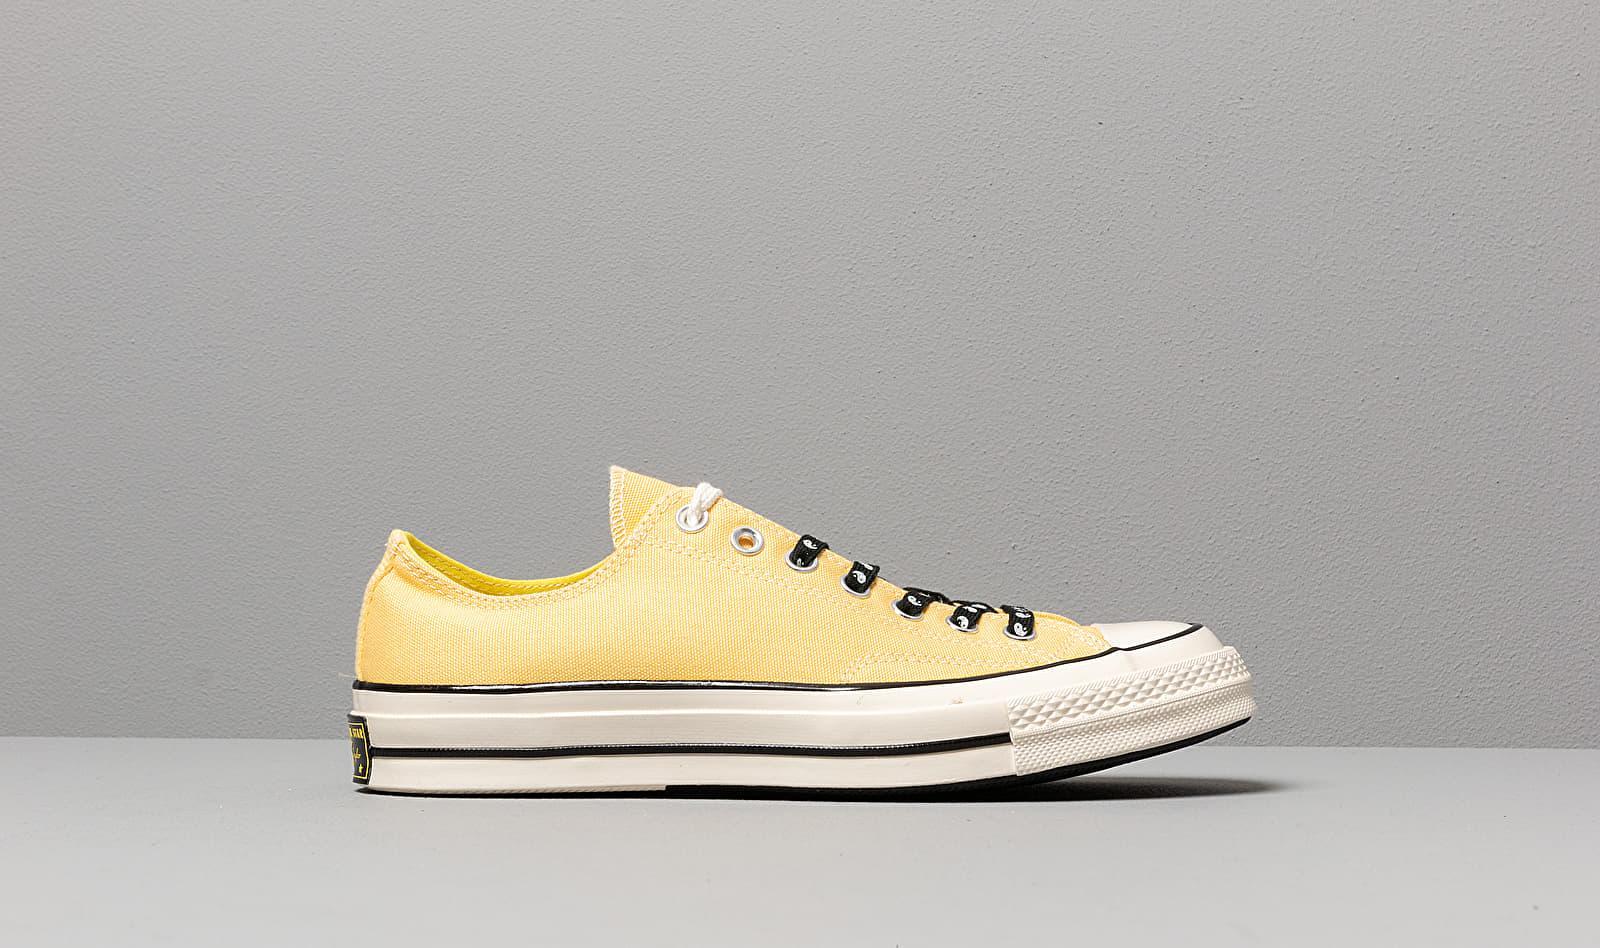 Chuck 70 Butter Yellow/ Fresh Yellow Converse